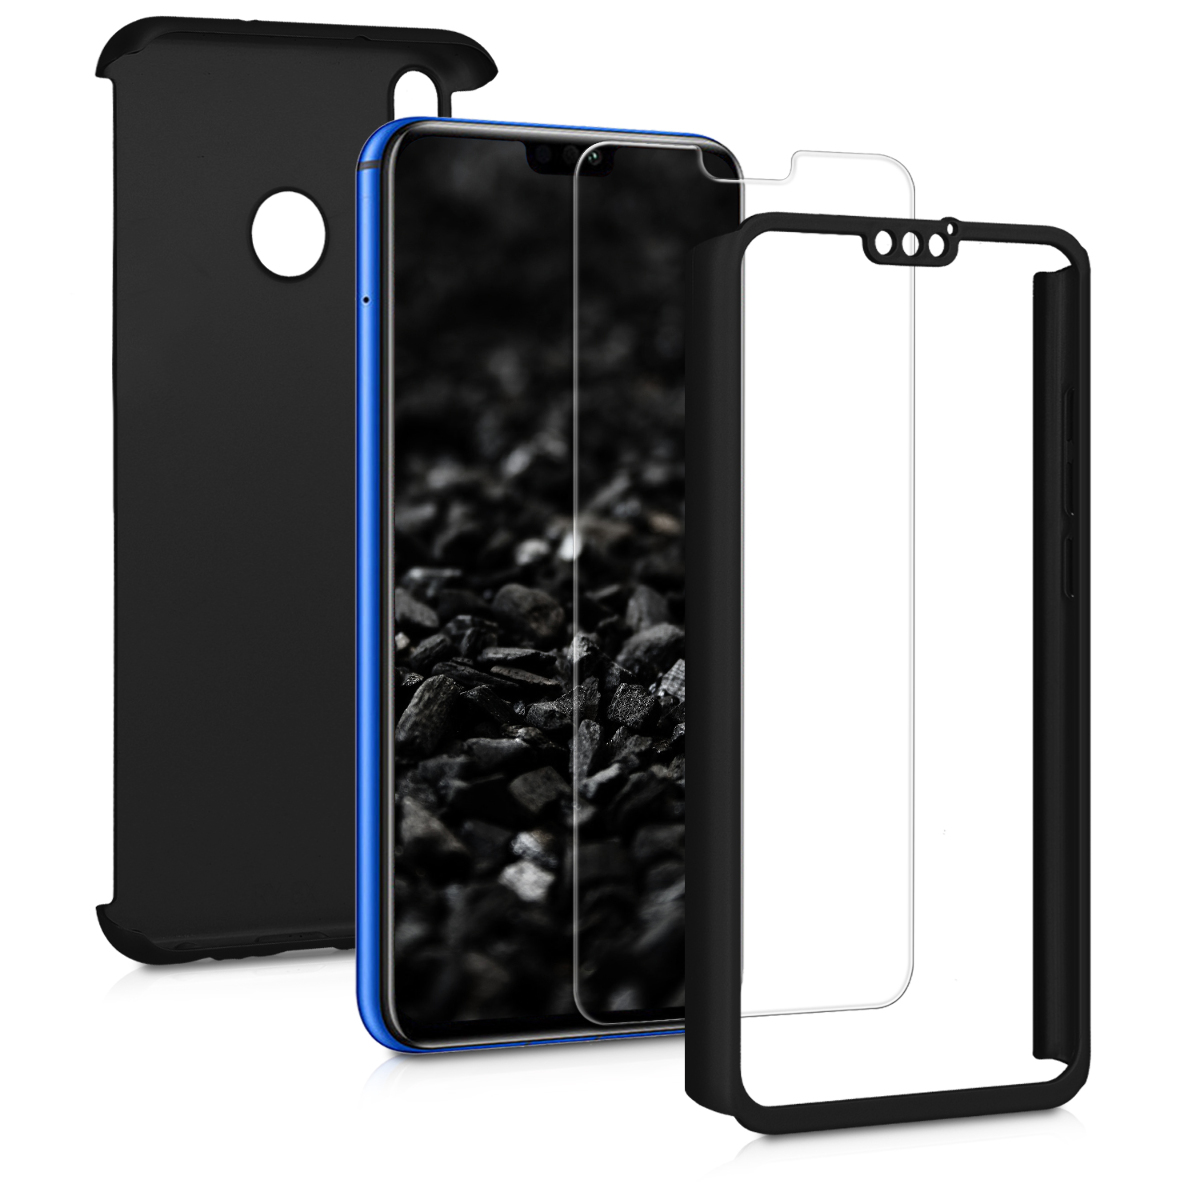 KW Θήκη Full Body Huawei Honor 8X & Tempered Glass - Metallic Black (50577.68)